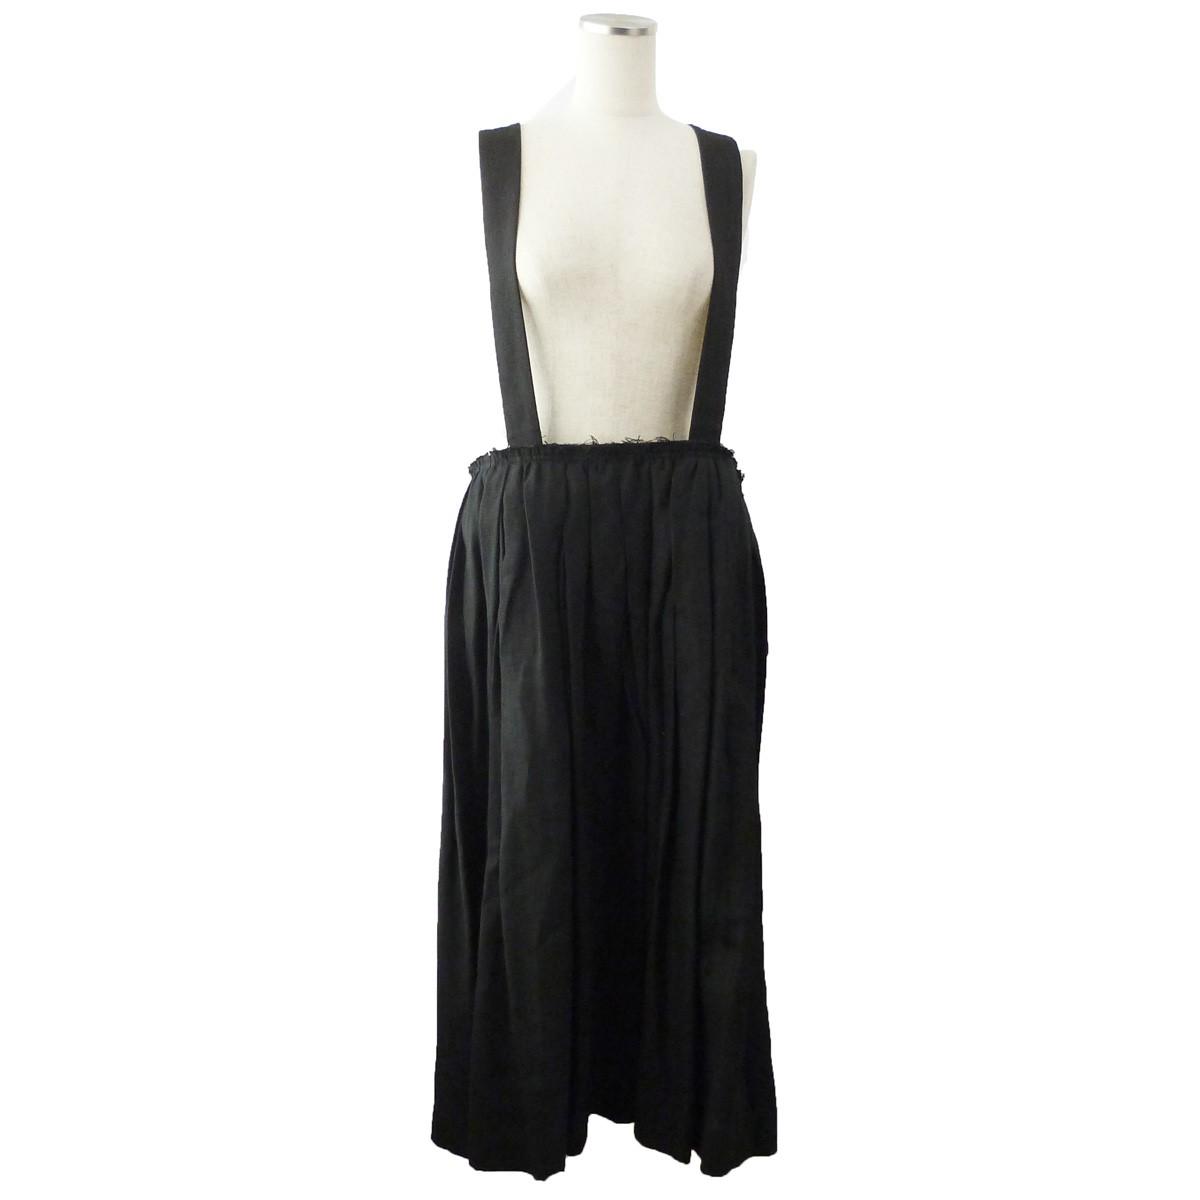 【中古】COMME des GARCONS 15SS サスペンダースカート ブラック サイズ:s 【200420】(コムデギャルソン)